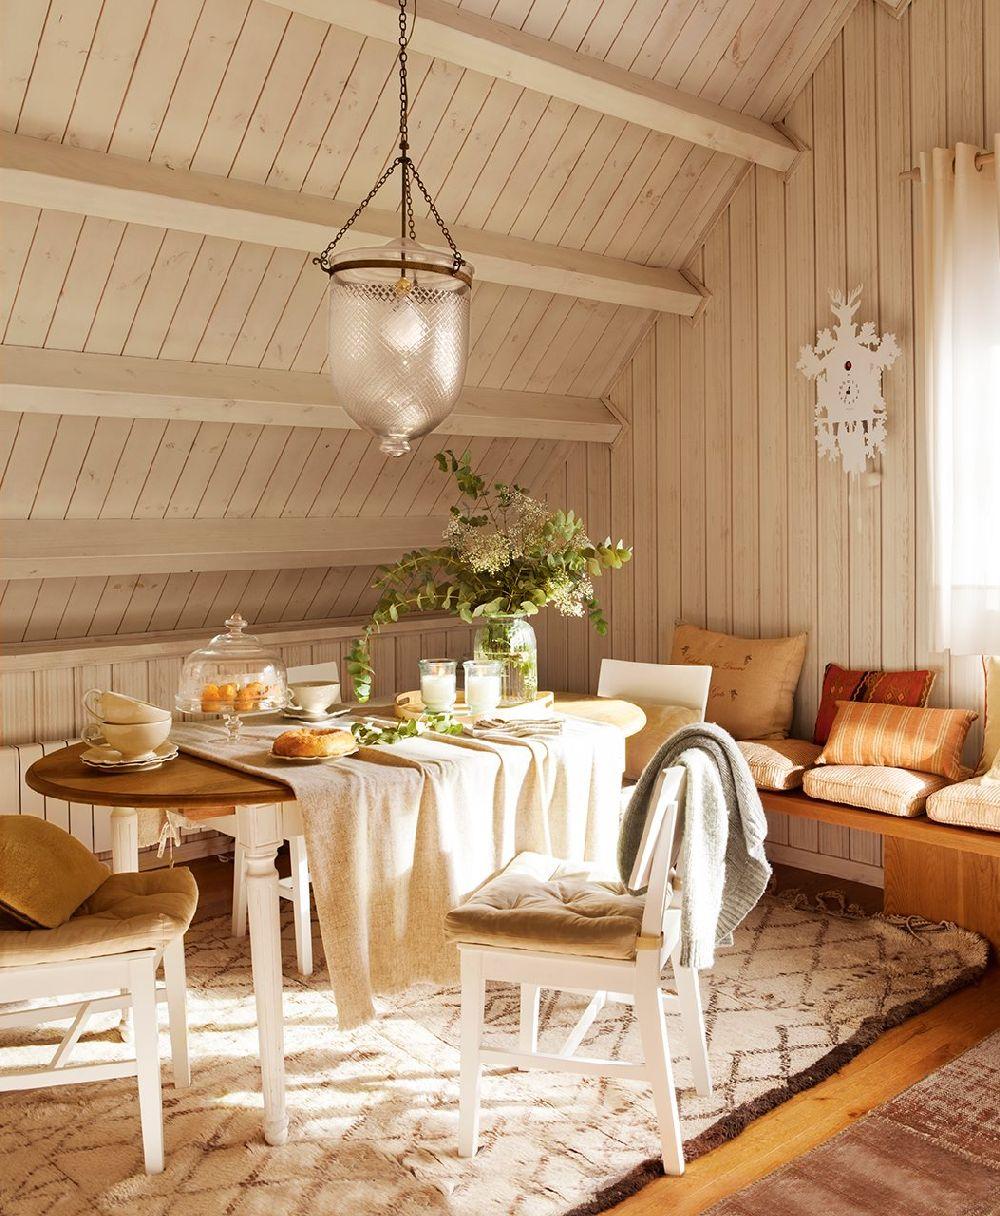 adelaparvu.com despre locuinta la mansarda, arhitect Cristina Carbonell, Foto ElMueble (3)